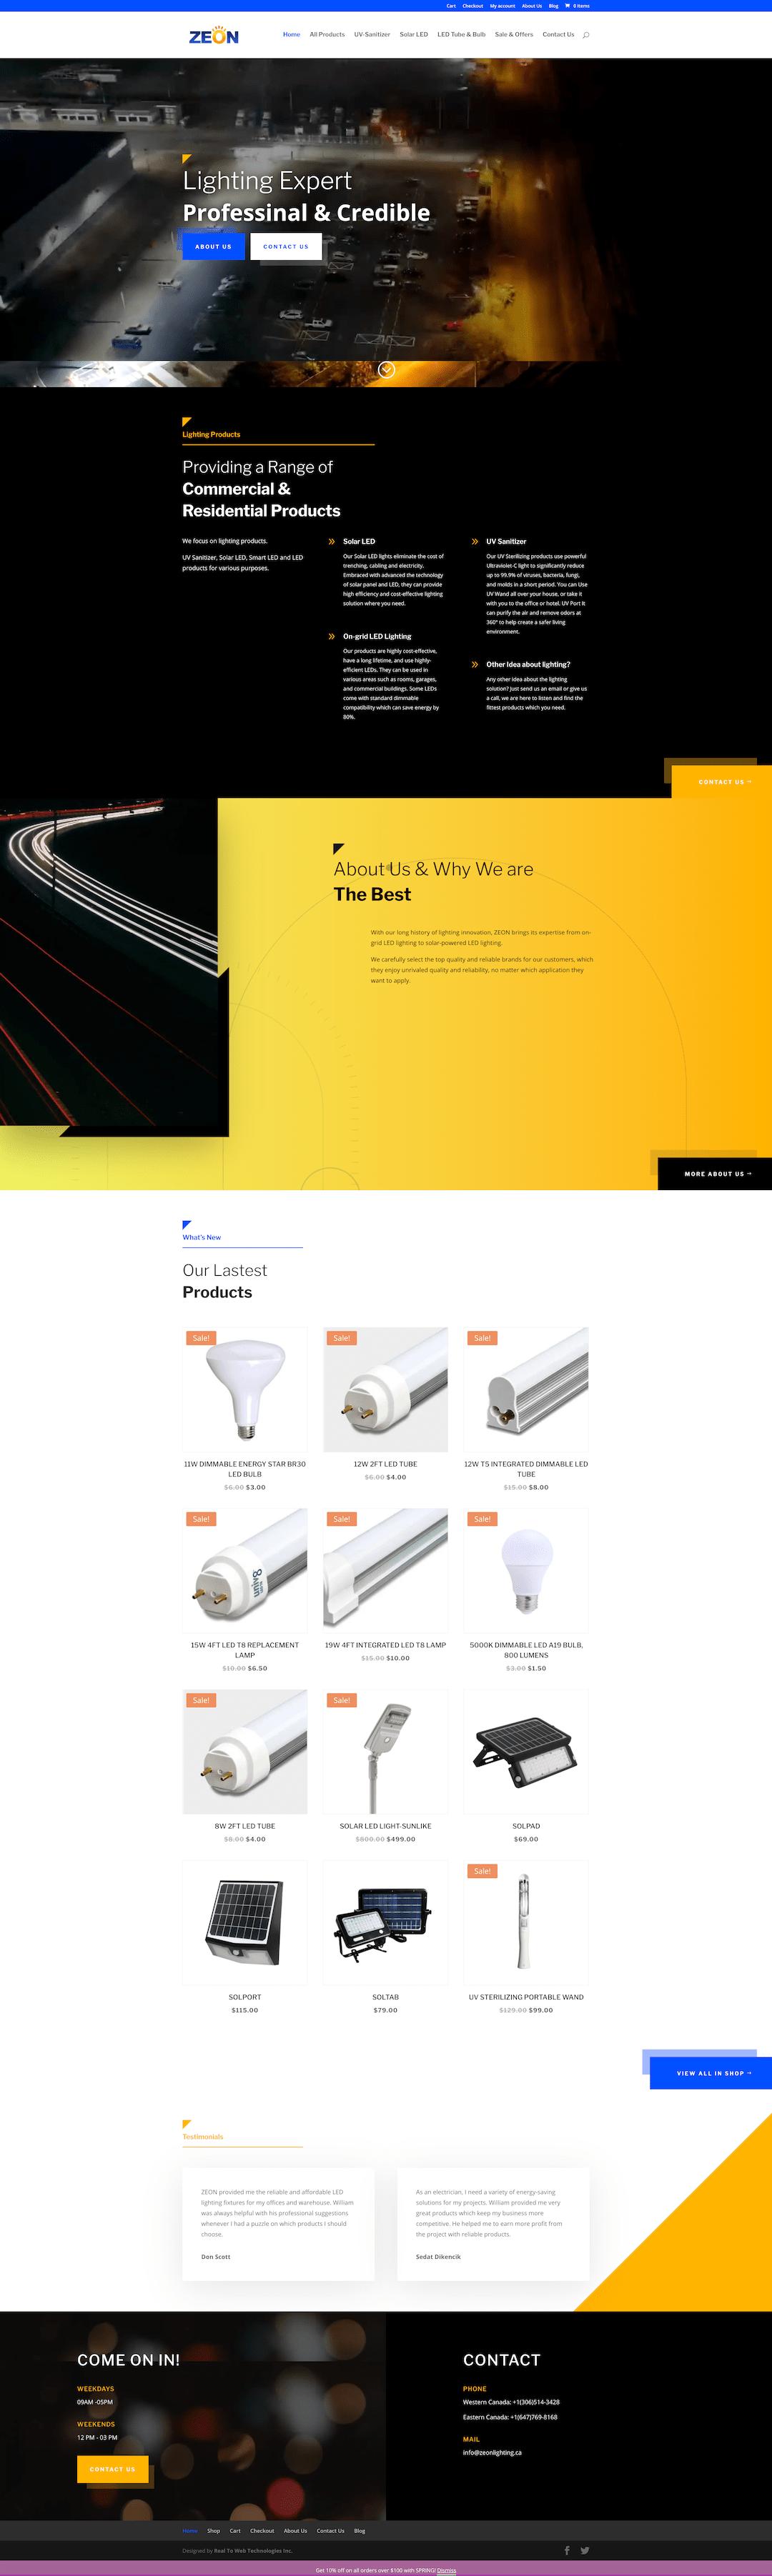 zeon-lighting-canada-lightings-expert-full-2810745